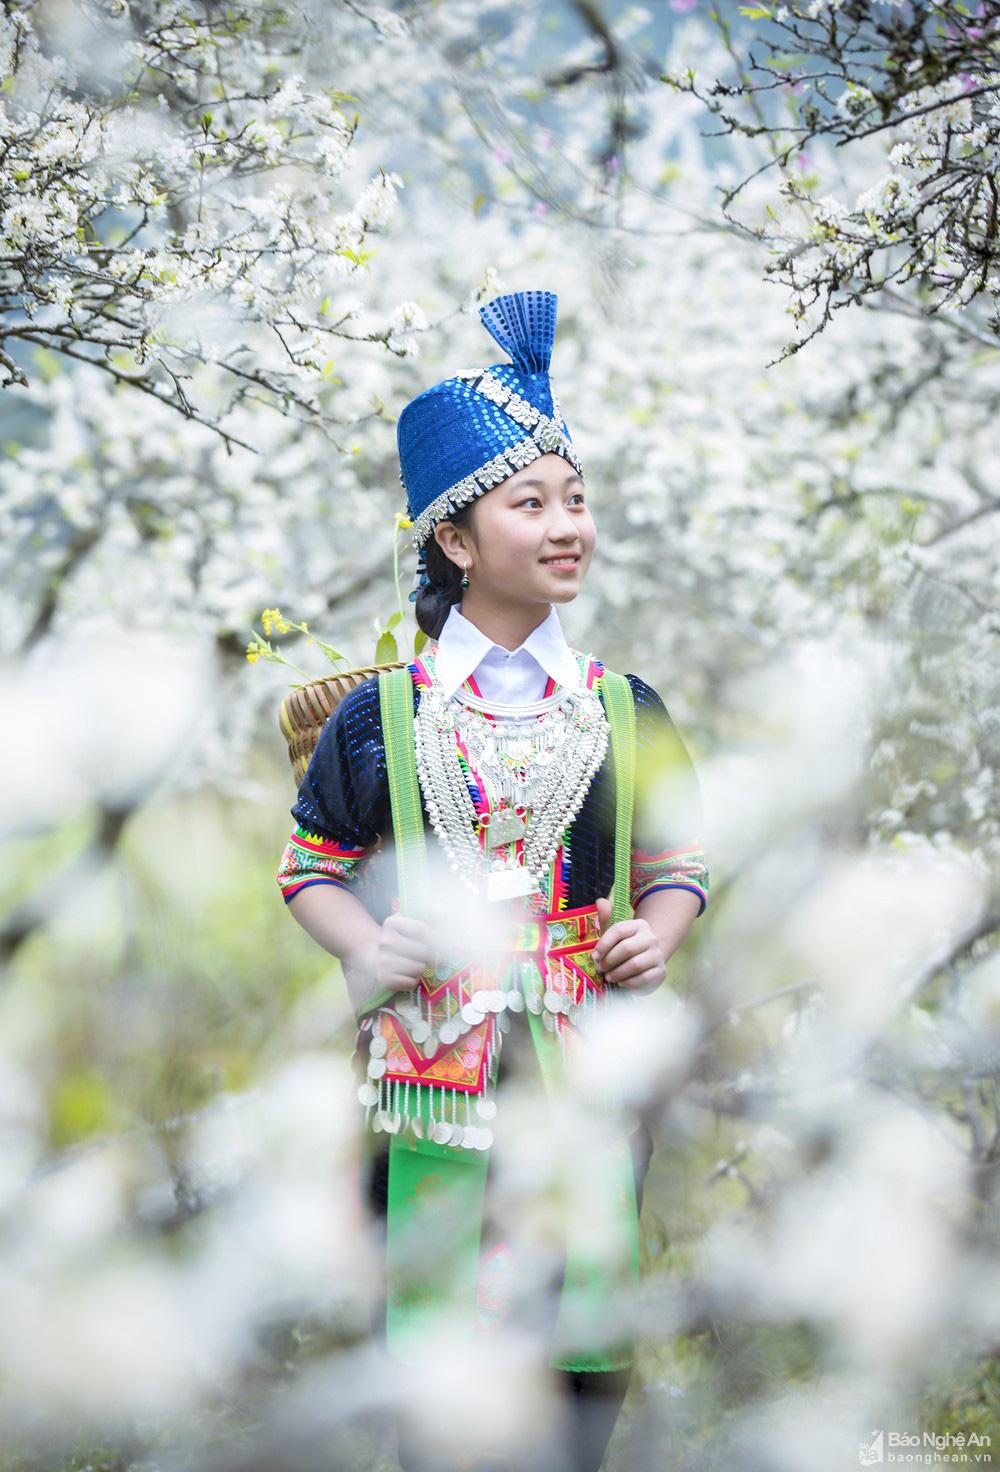 Mê mẩn với những đồi hoa mận nở trắng tinh khôi ở miền Tây Nghệ An, Mộc Châu, Vân Hồ… - Ảnh 12.